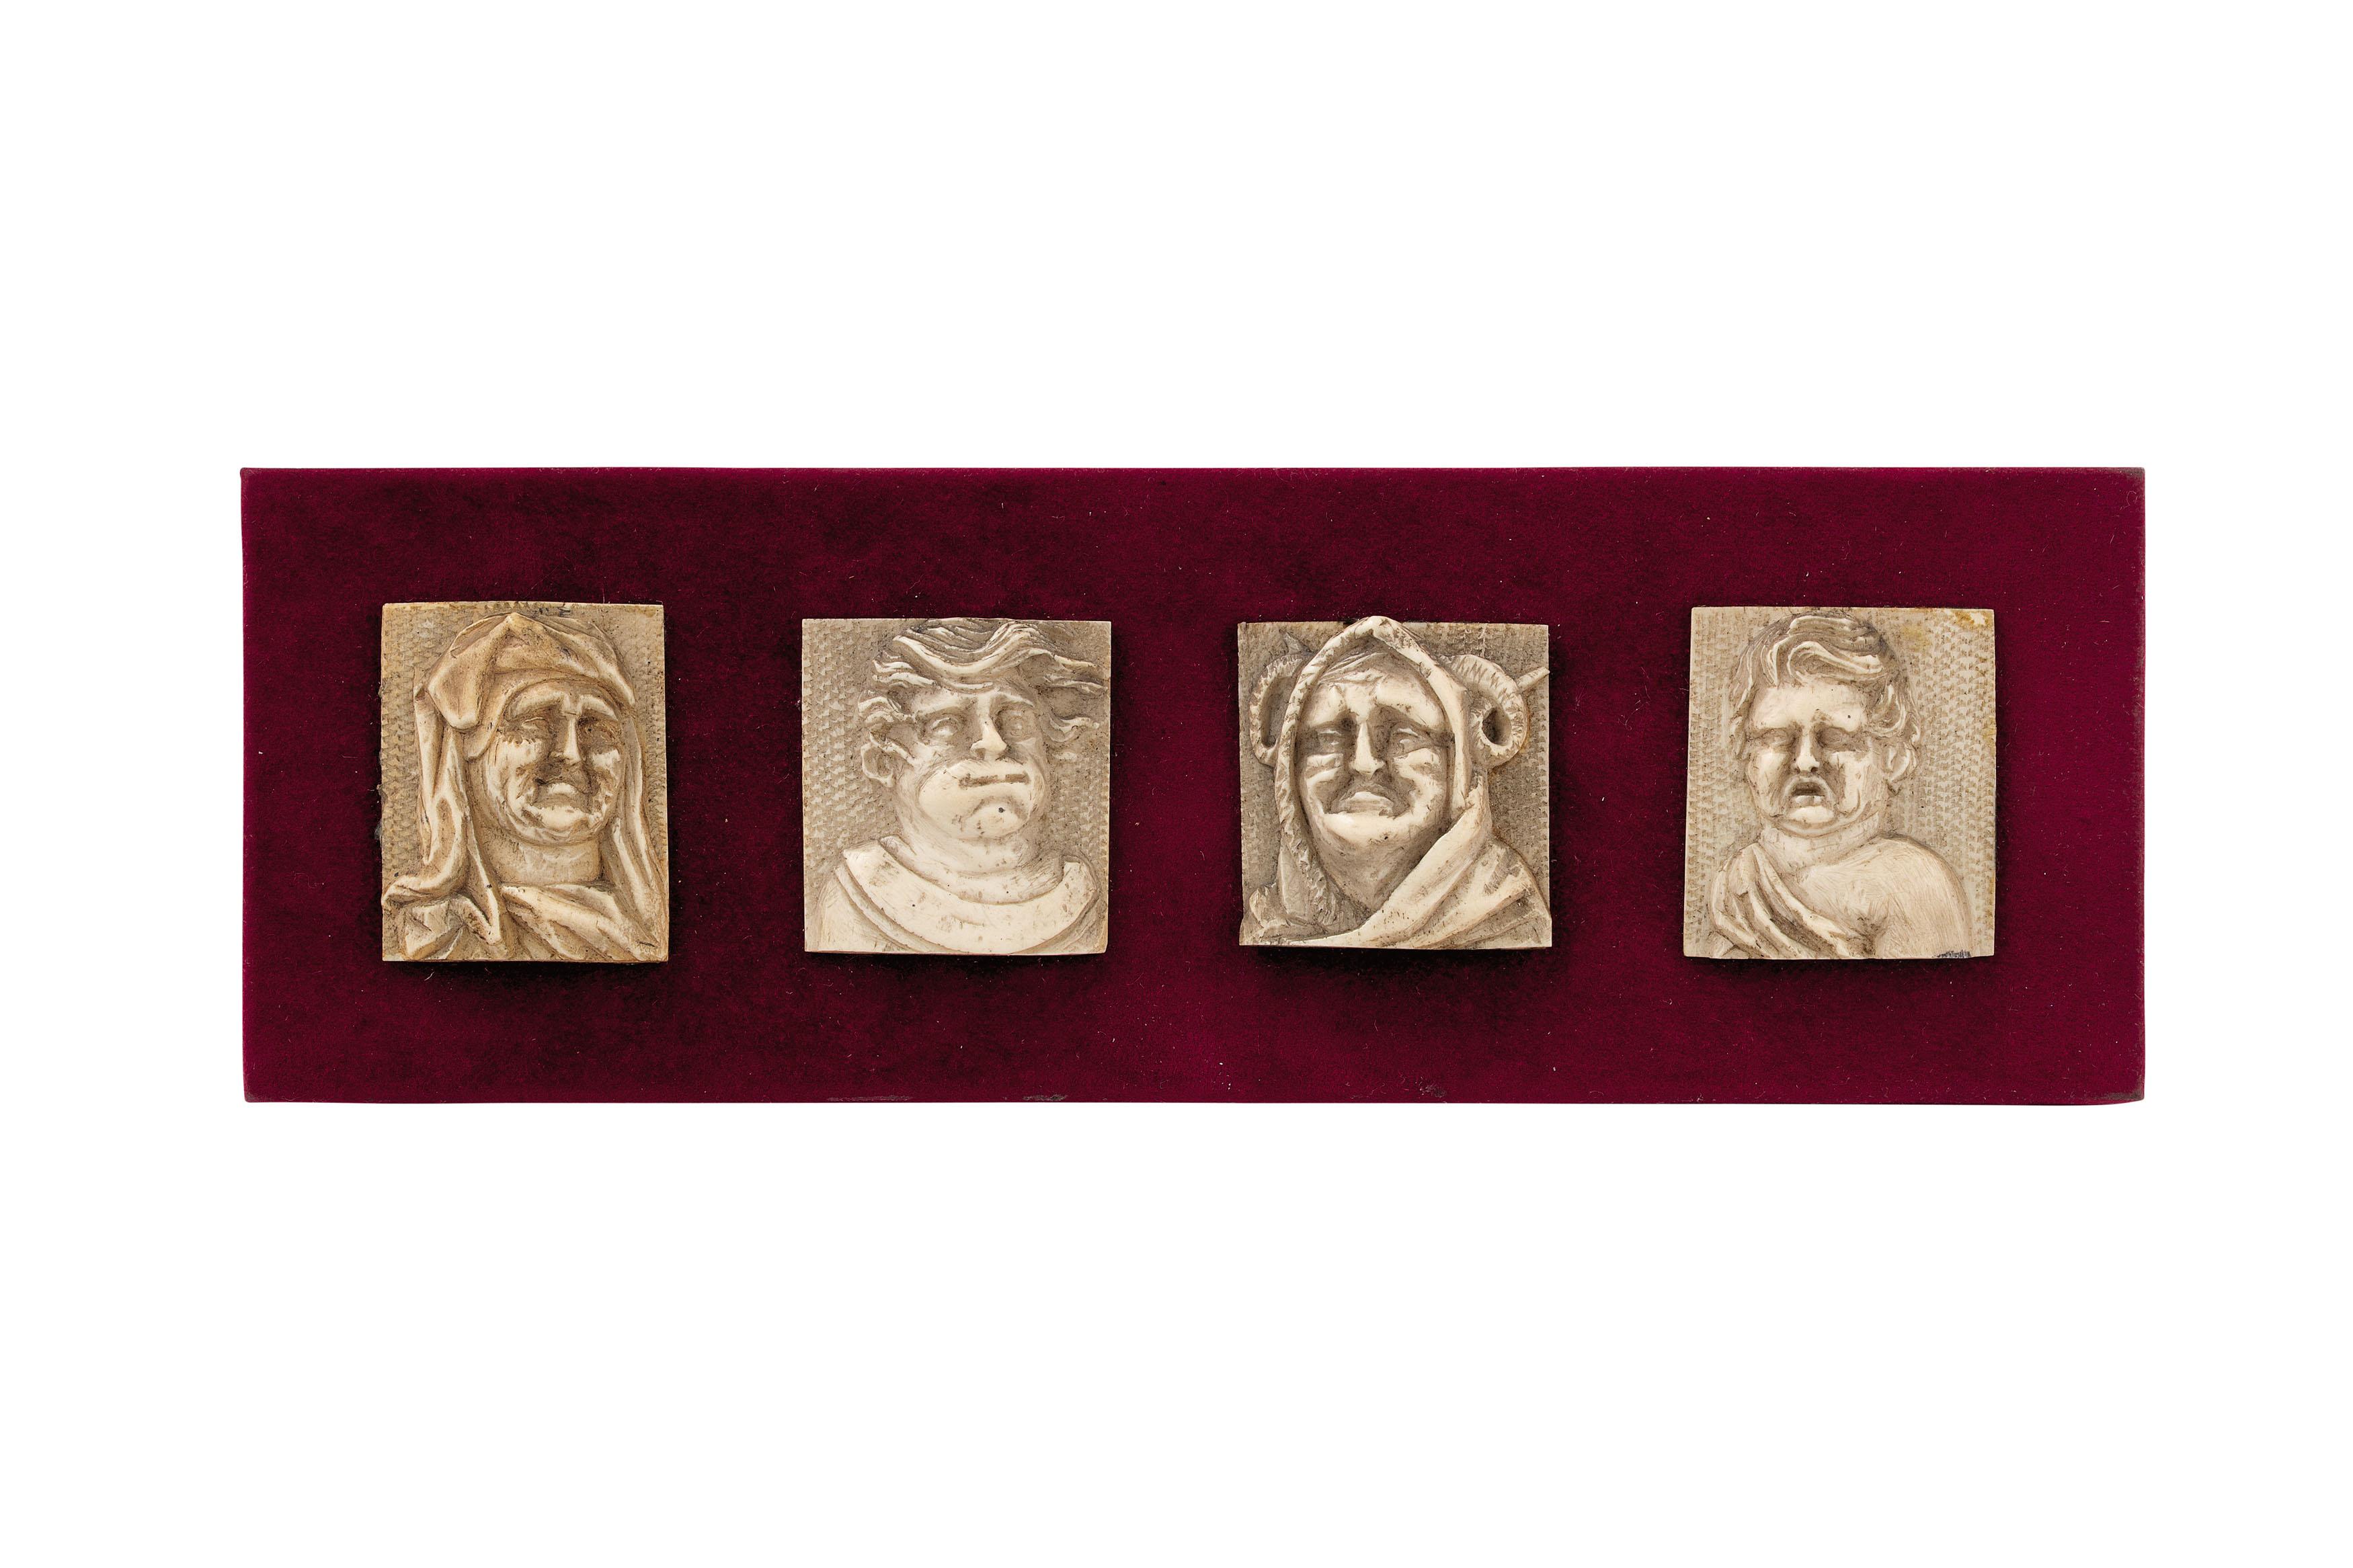 QUATTRO PLACCHETTE IN OSSO, FIANDRE, XVII-XVIII SECOLO